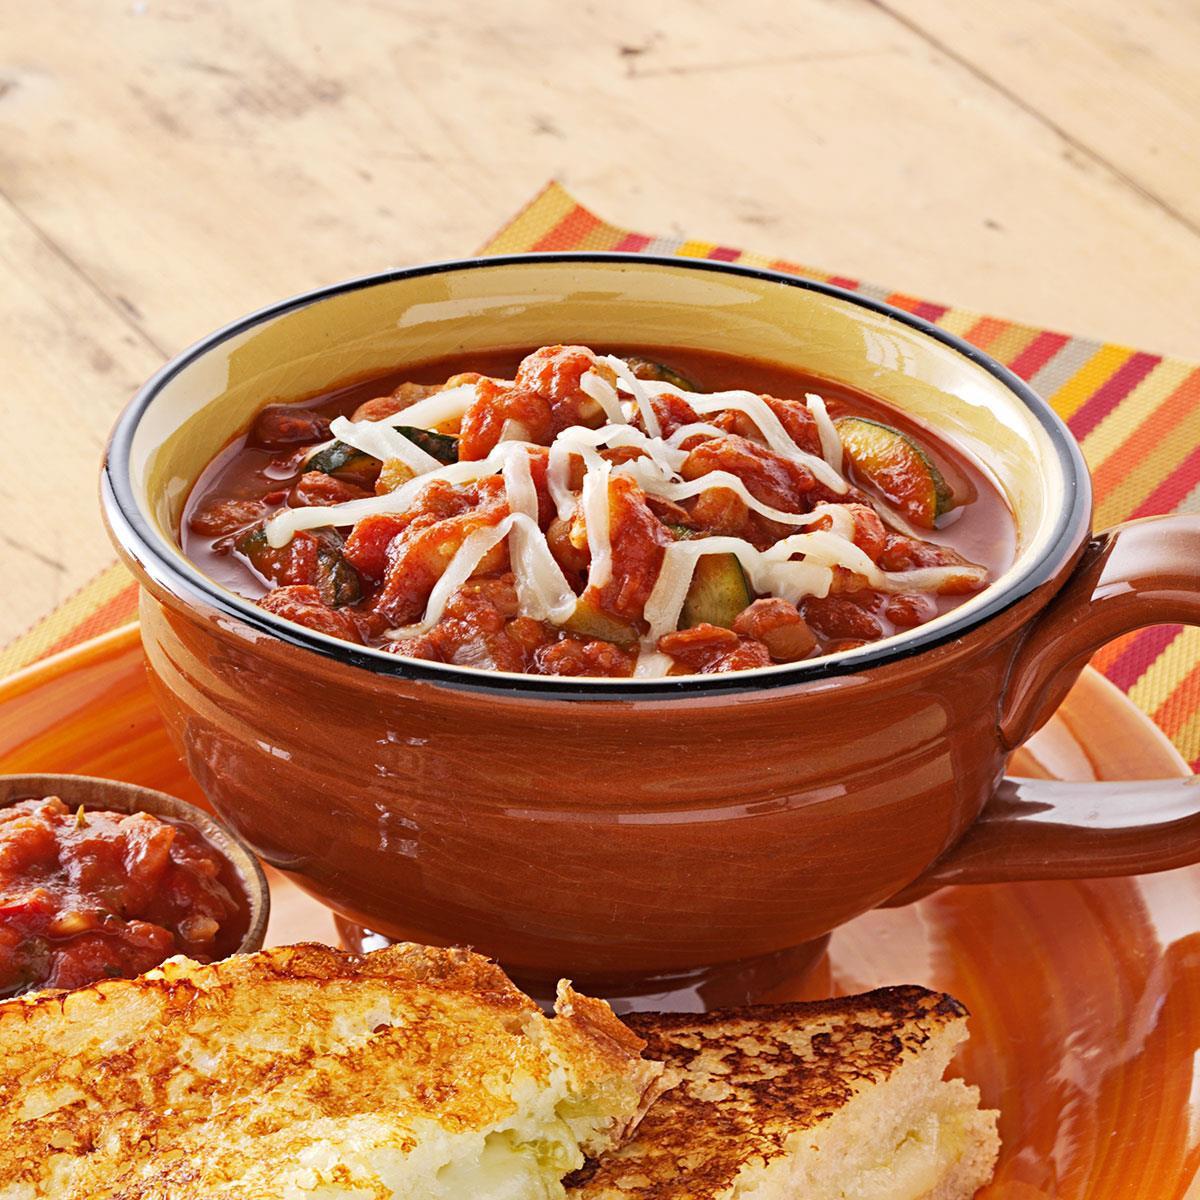 Taste Of Home Vegetarian Chili  Zippy Ve arian Chili Recipe